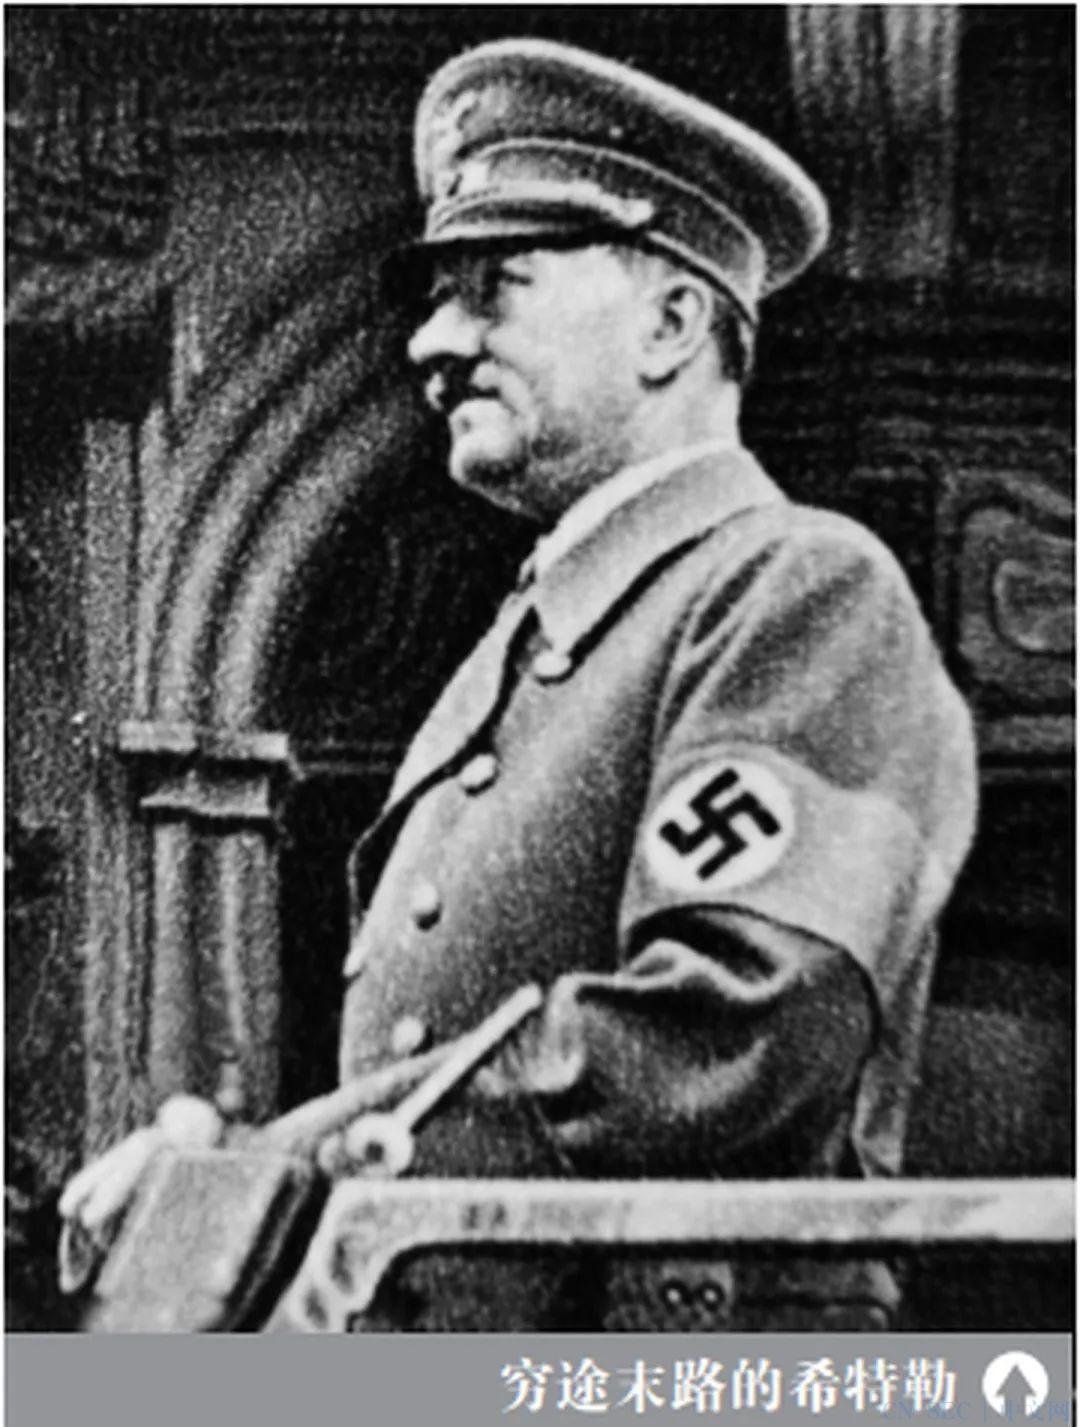 【情报历史】两次刺杀希特勒是谁所为,他为何能死里逃生?